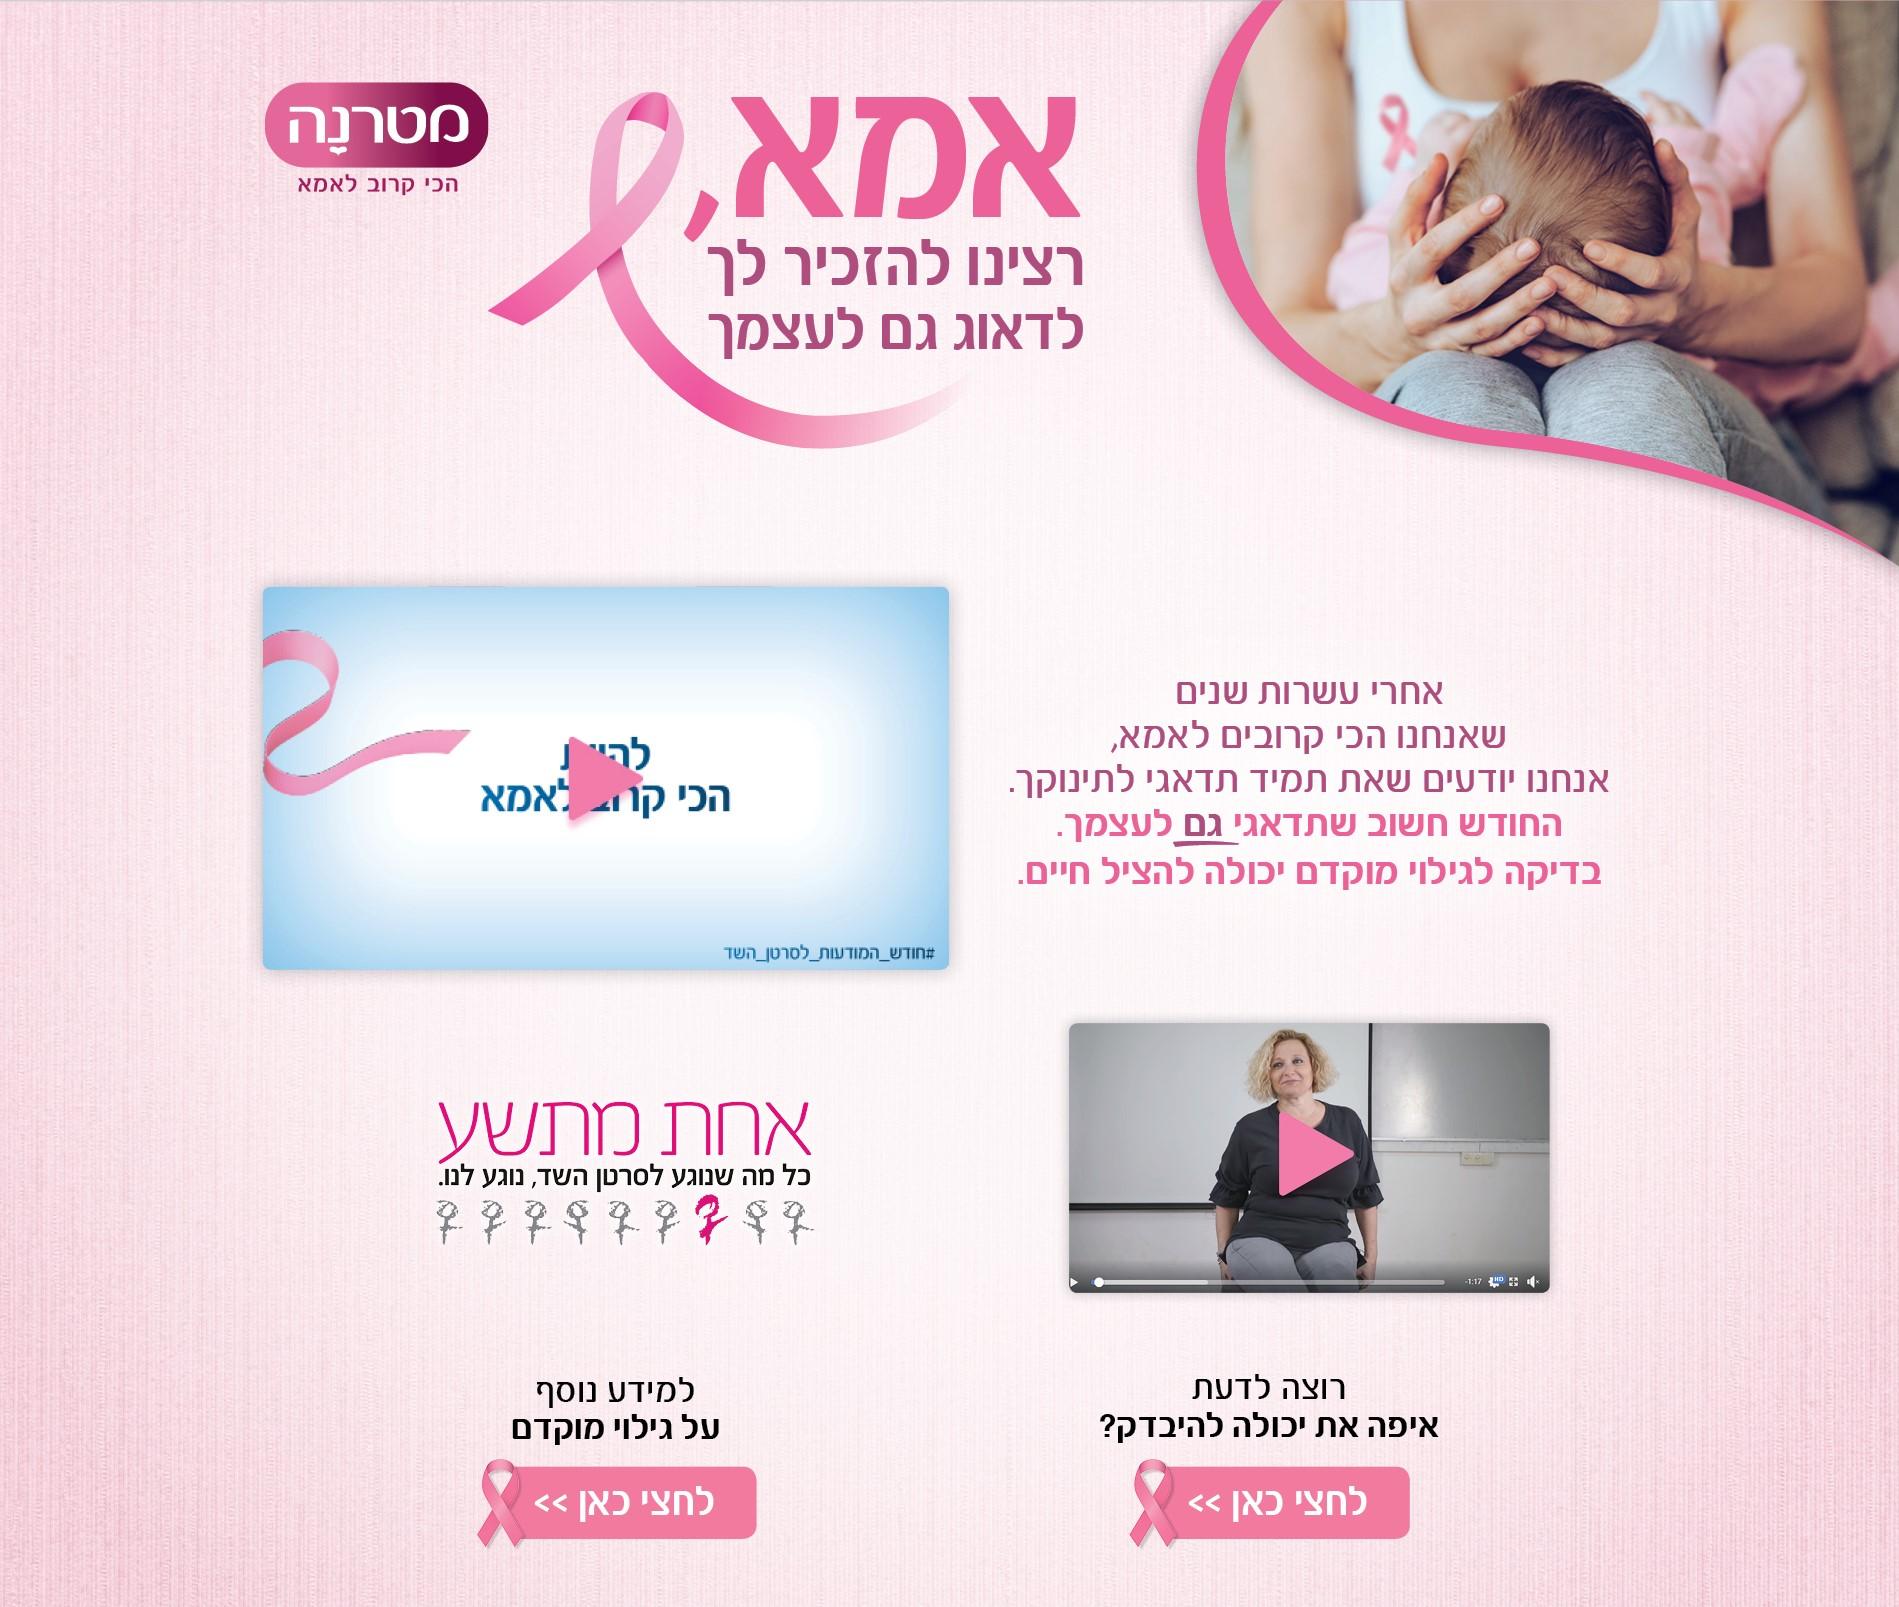 מיני סייט שלמטרנה בנושא סרטן השד - שיתוף פעולה עם עמותת אחת מתשע